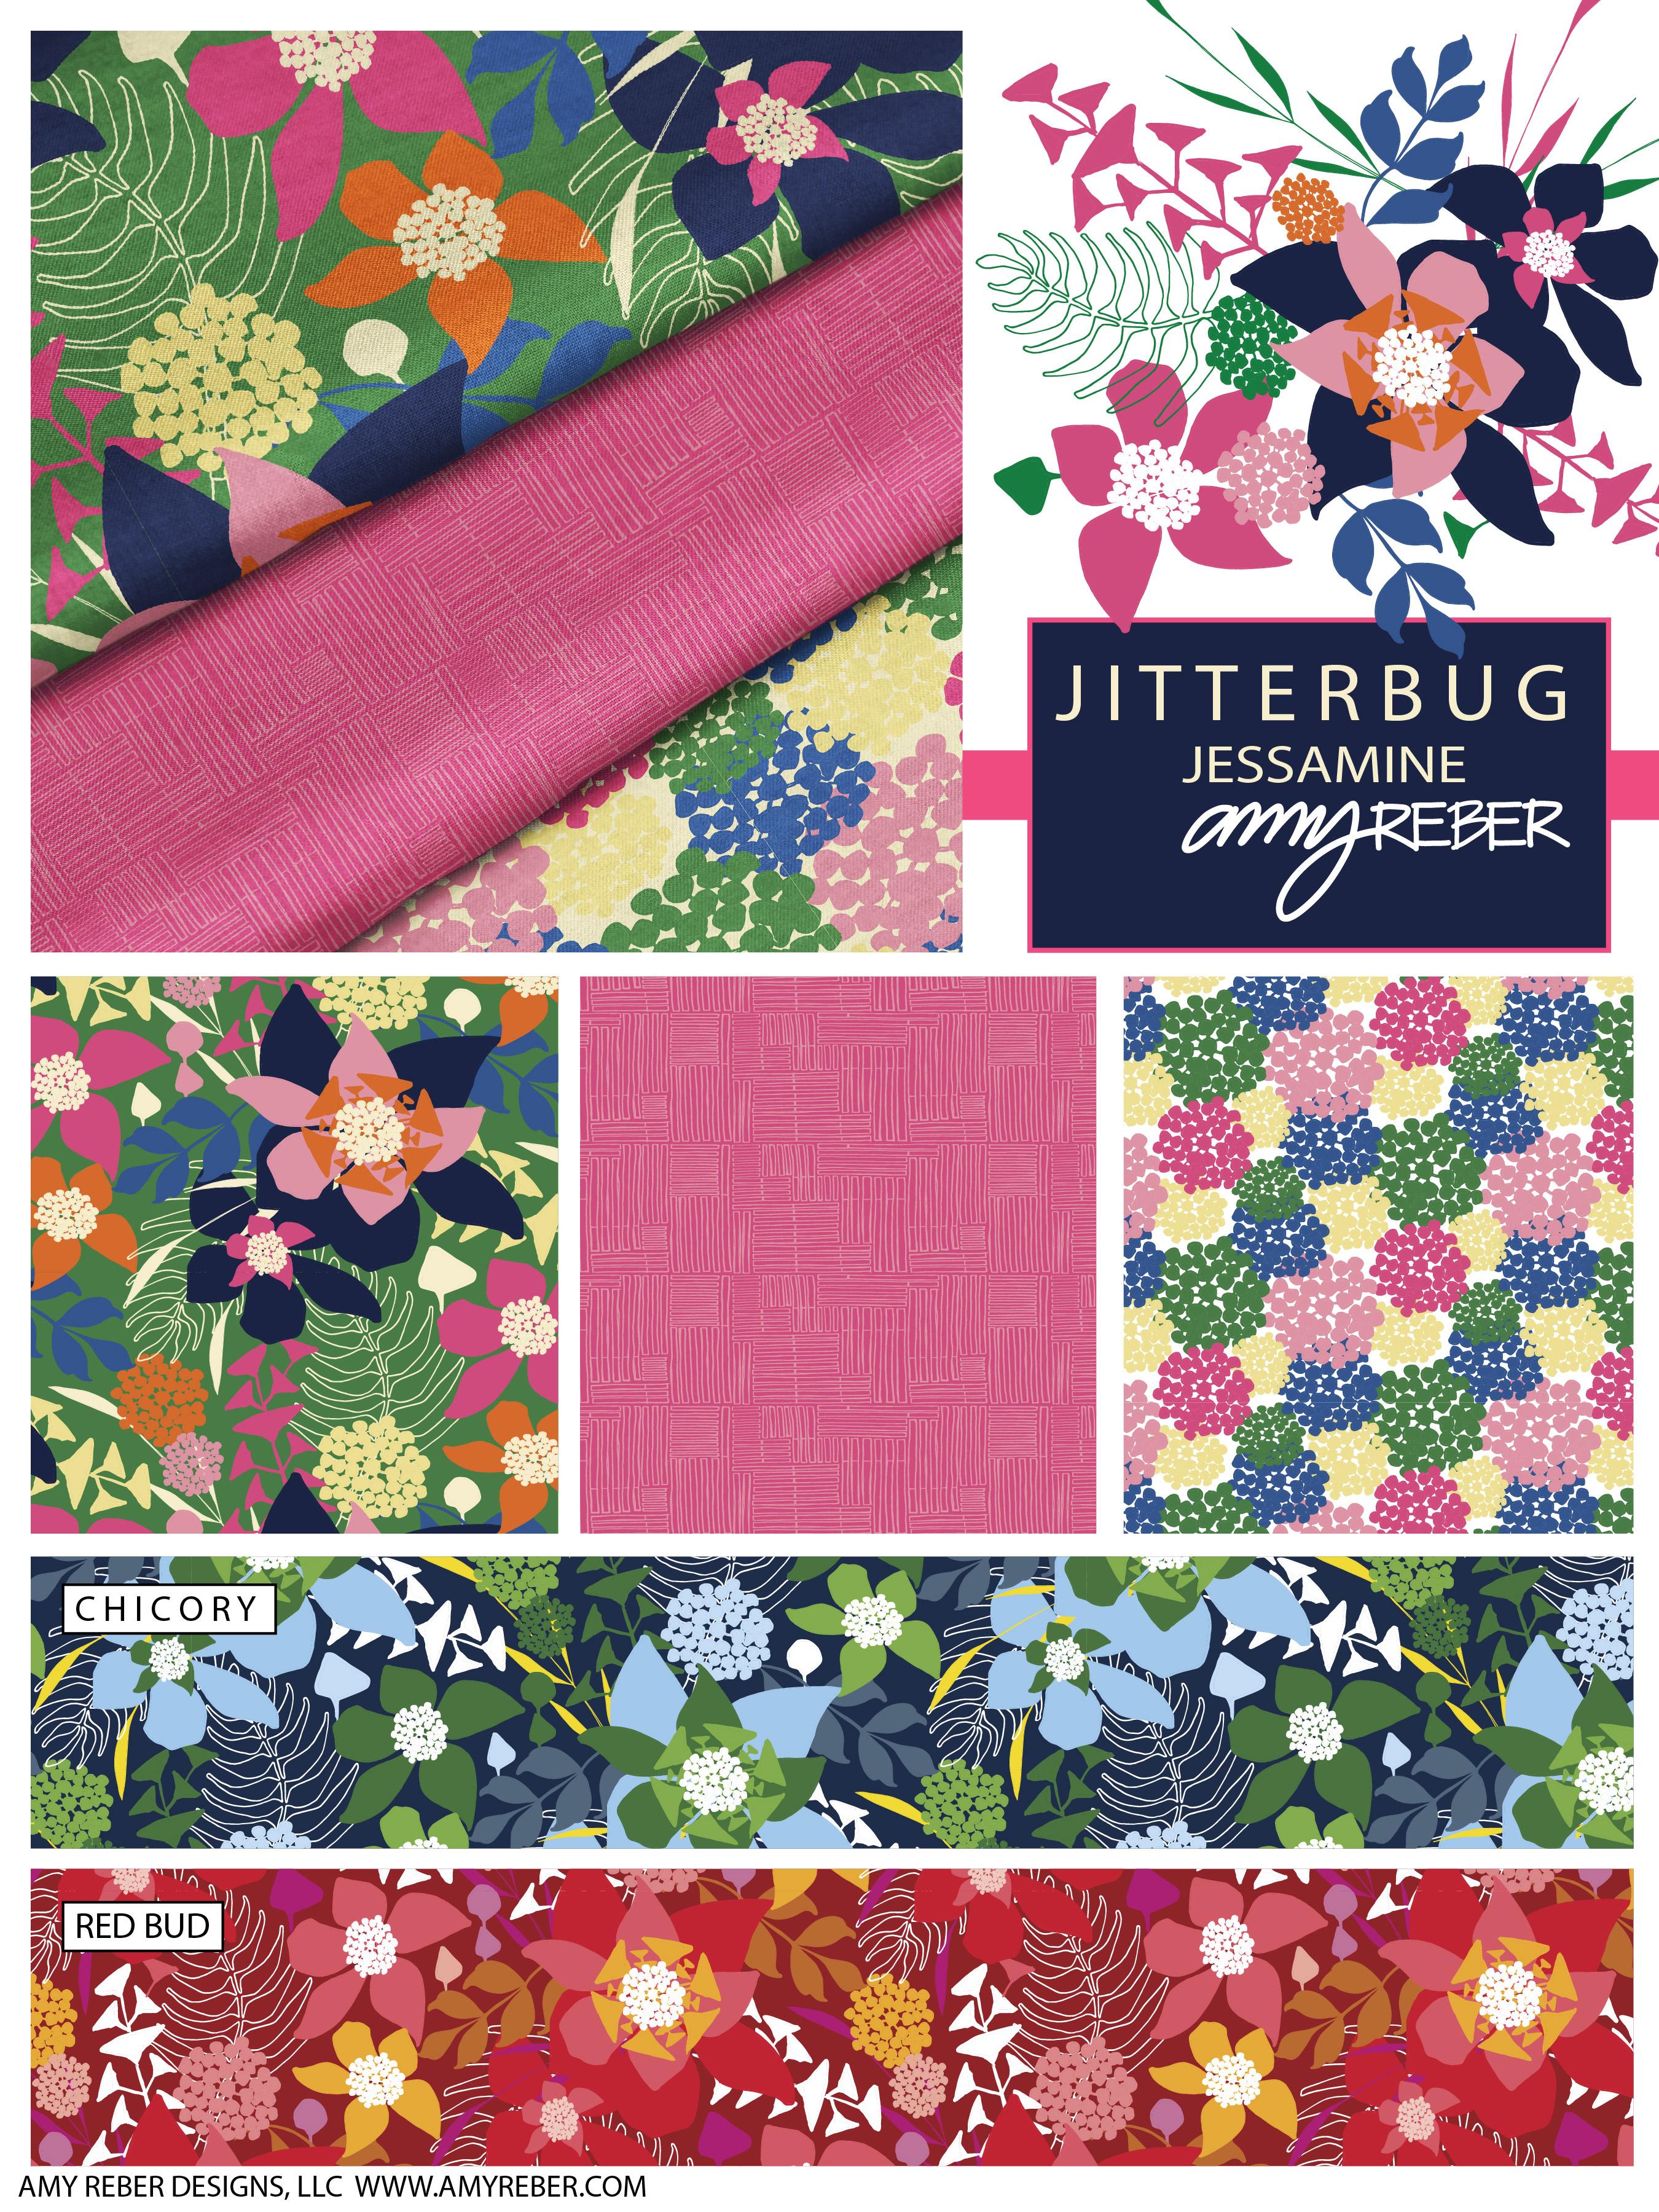 JITTERBUG-AMYREBER-01